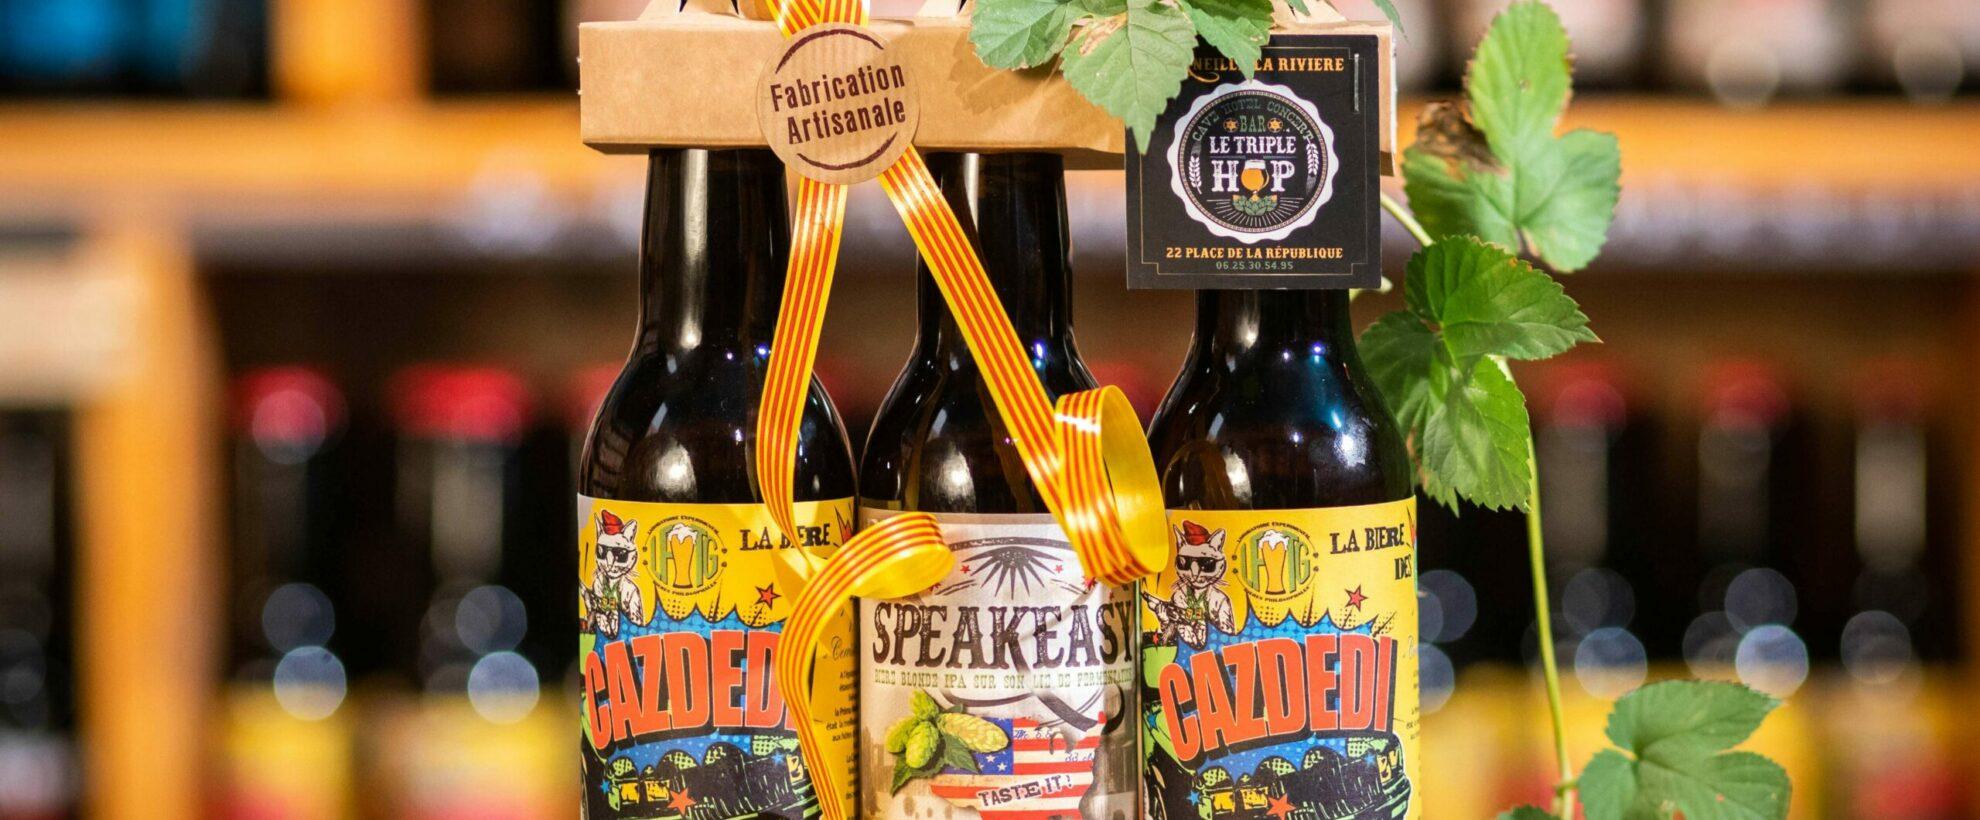 La bière artisanale du bar triple hop